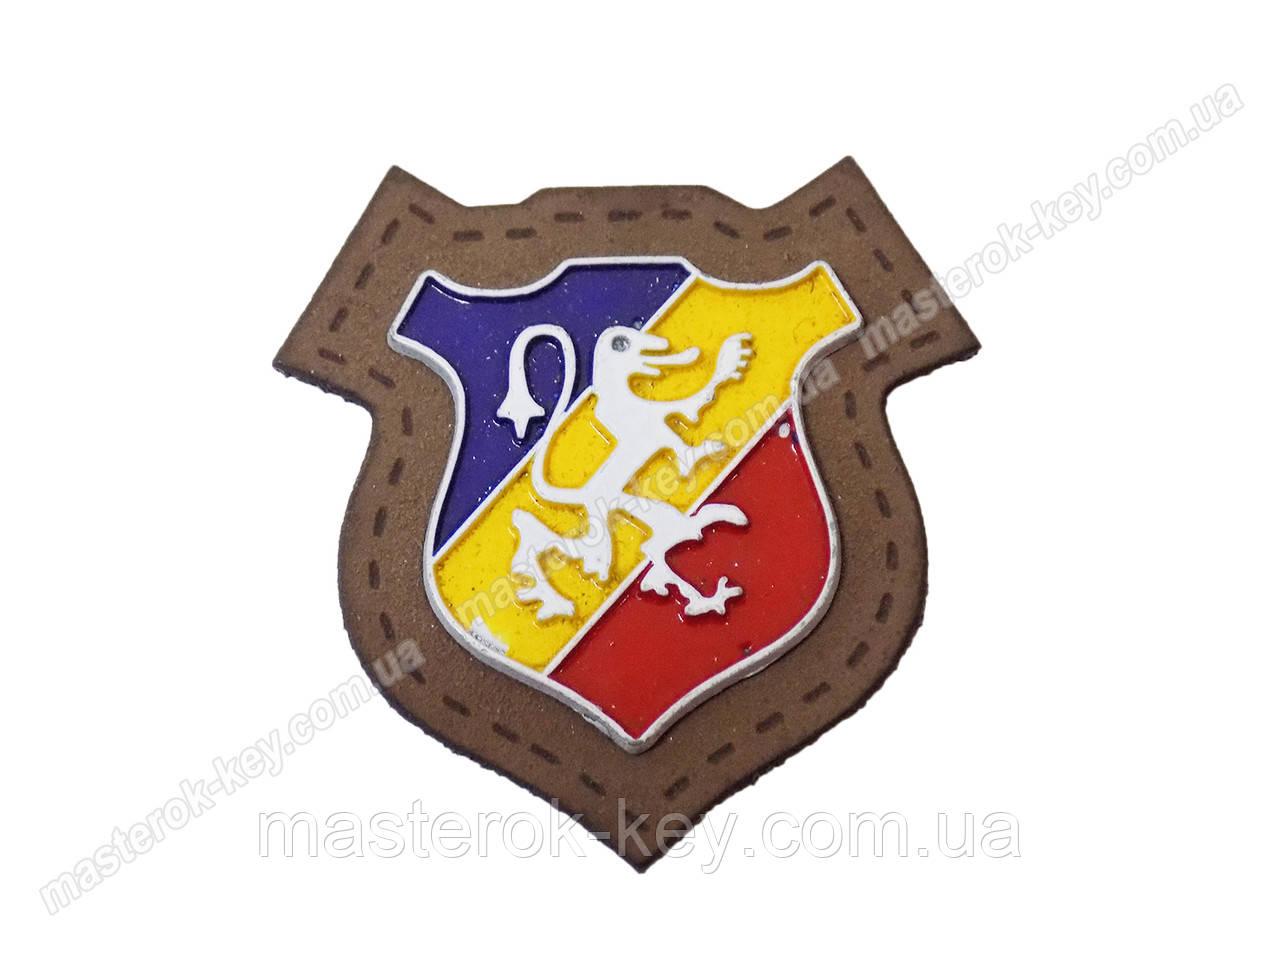 Герб пришивной №013072 коричневый